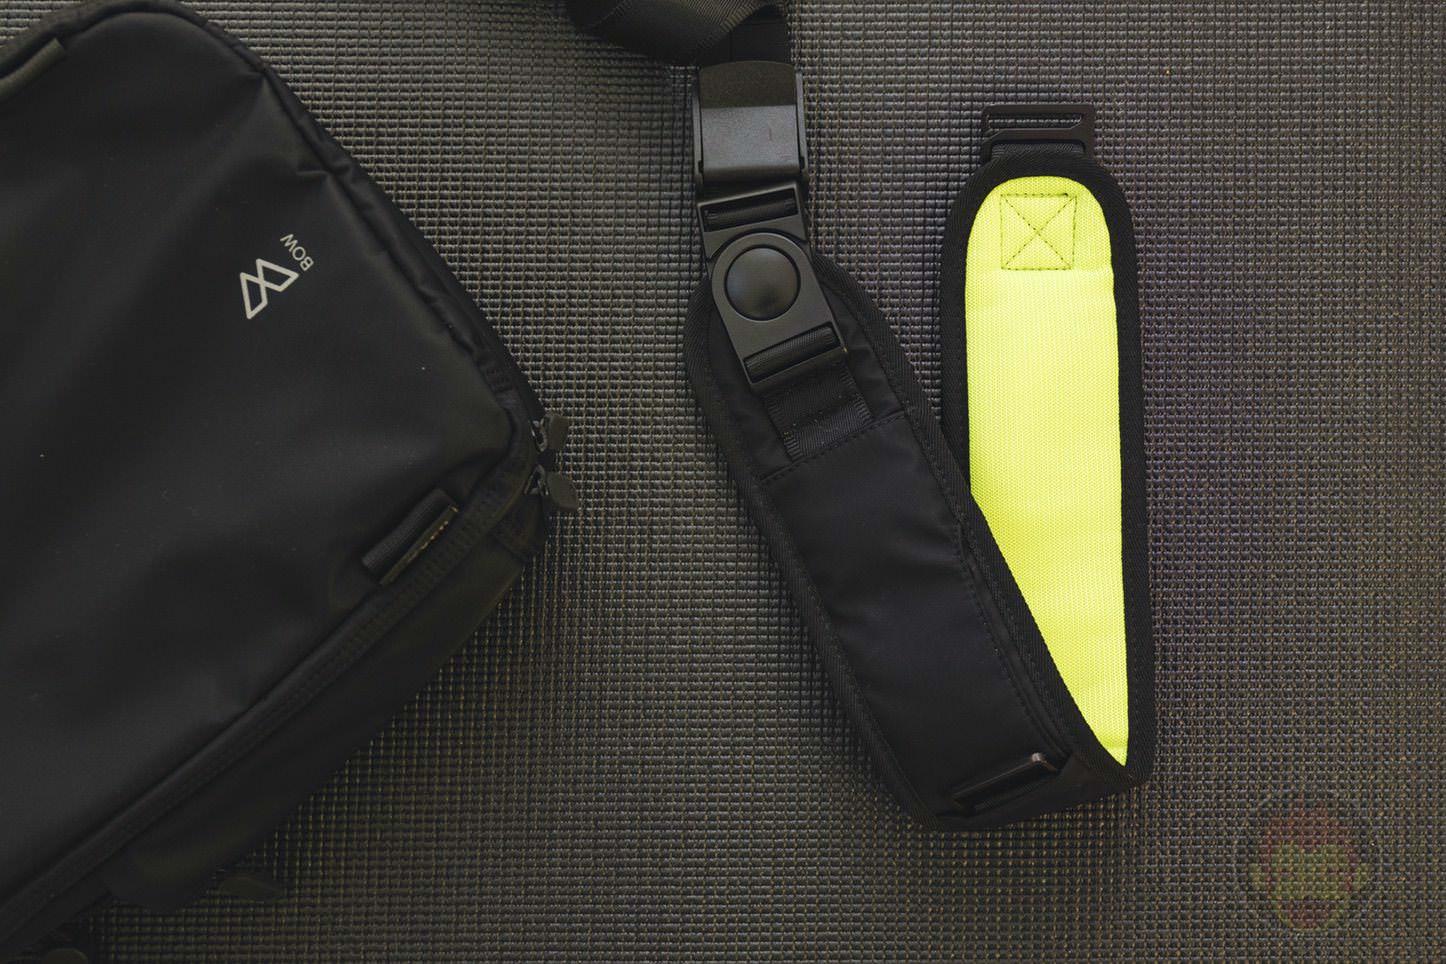 Quiver-Gym-Splashproof-Shoulder-Bag-19.jpg